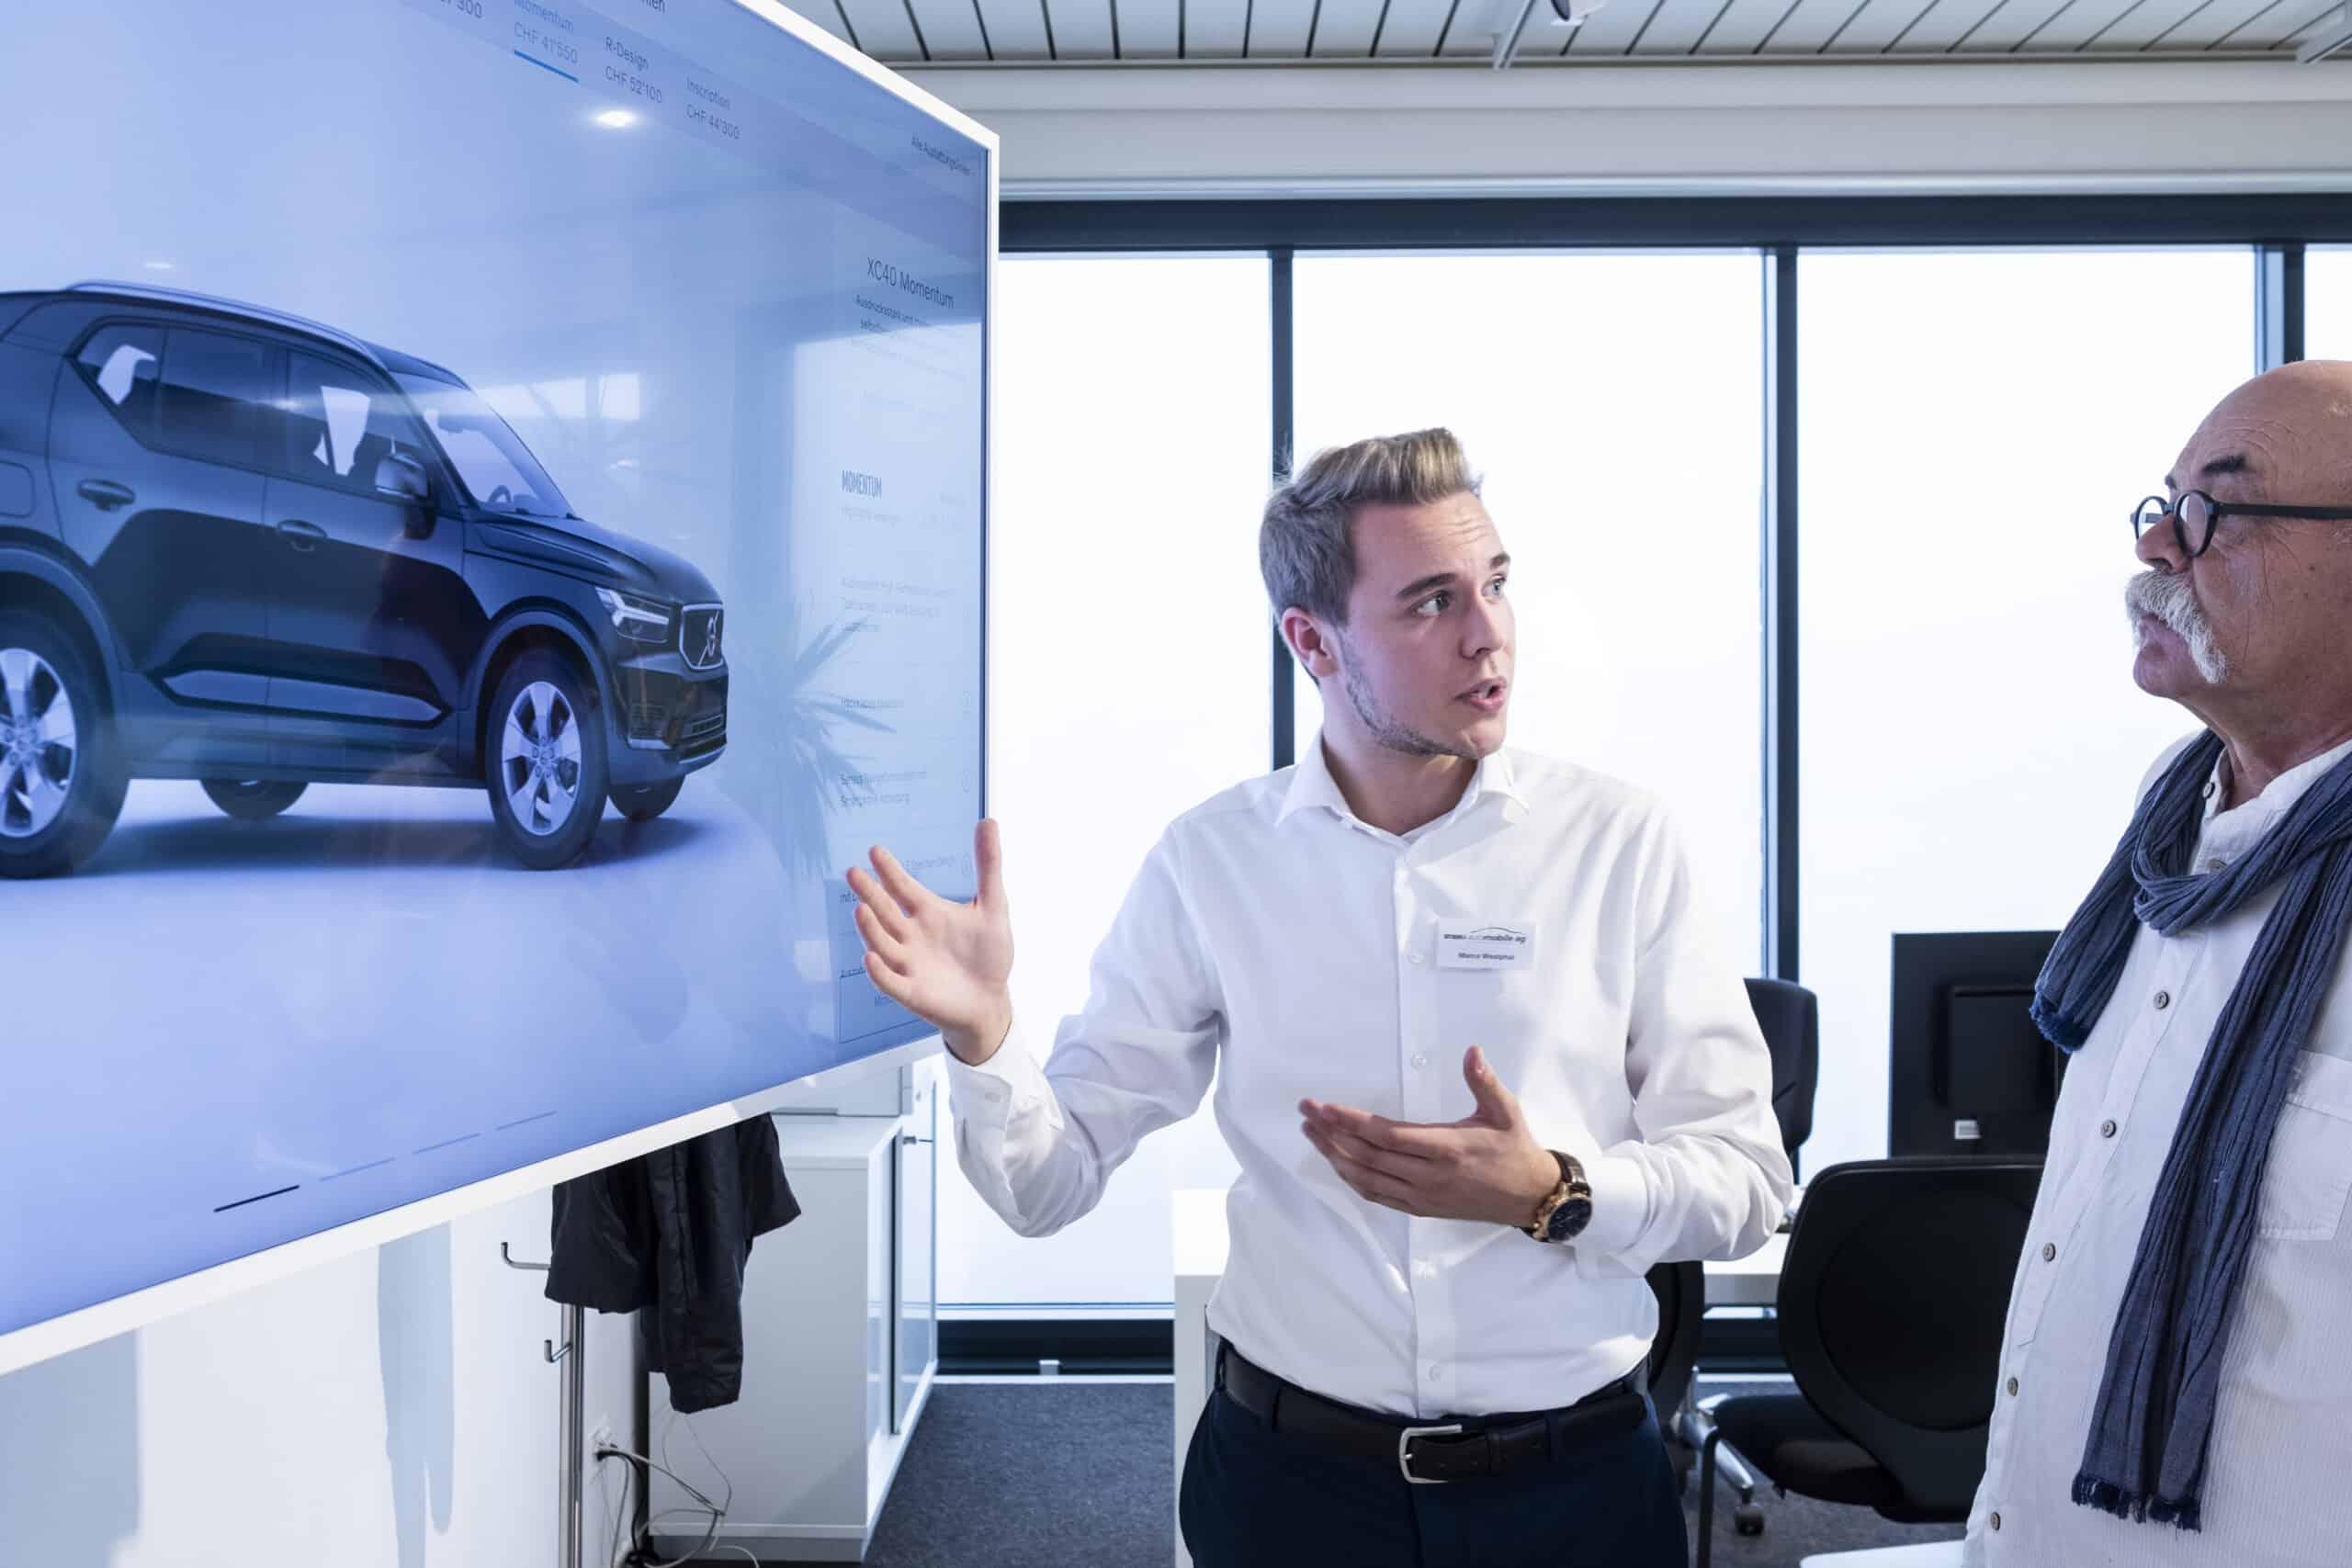 Verkäufer und Kunde beim Konfigurieren eines Neuwagens